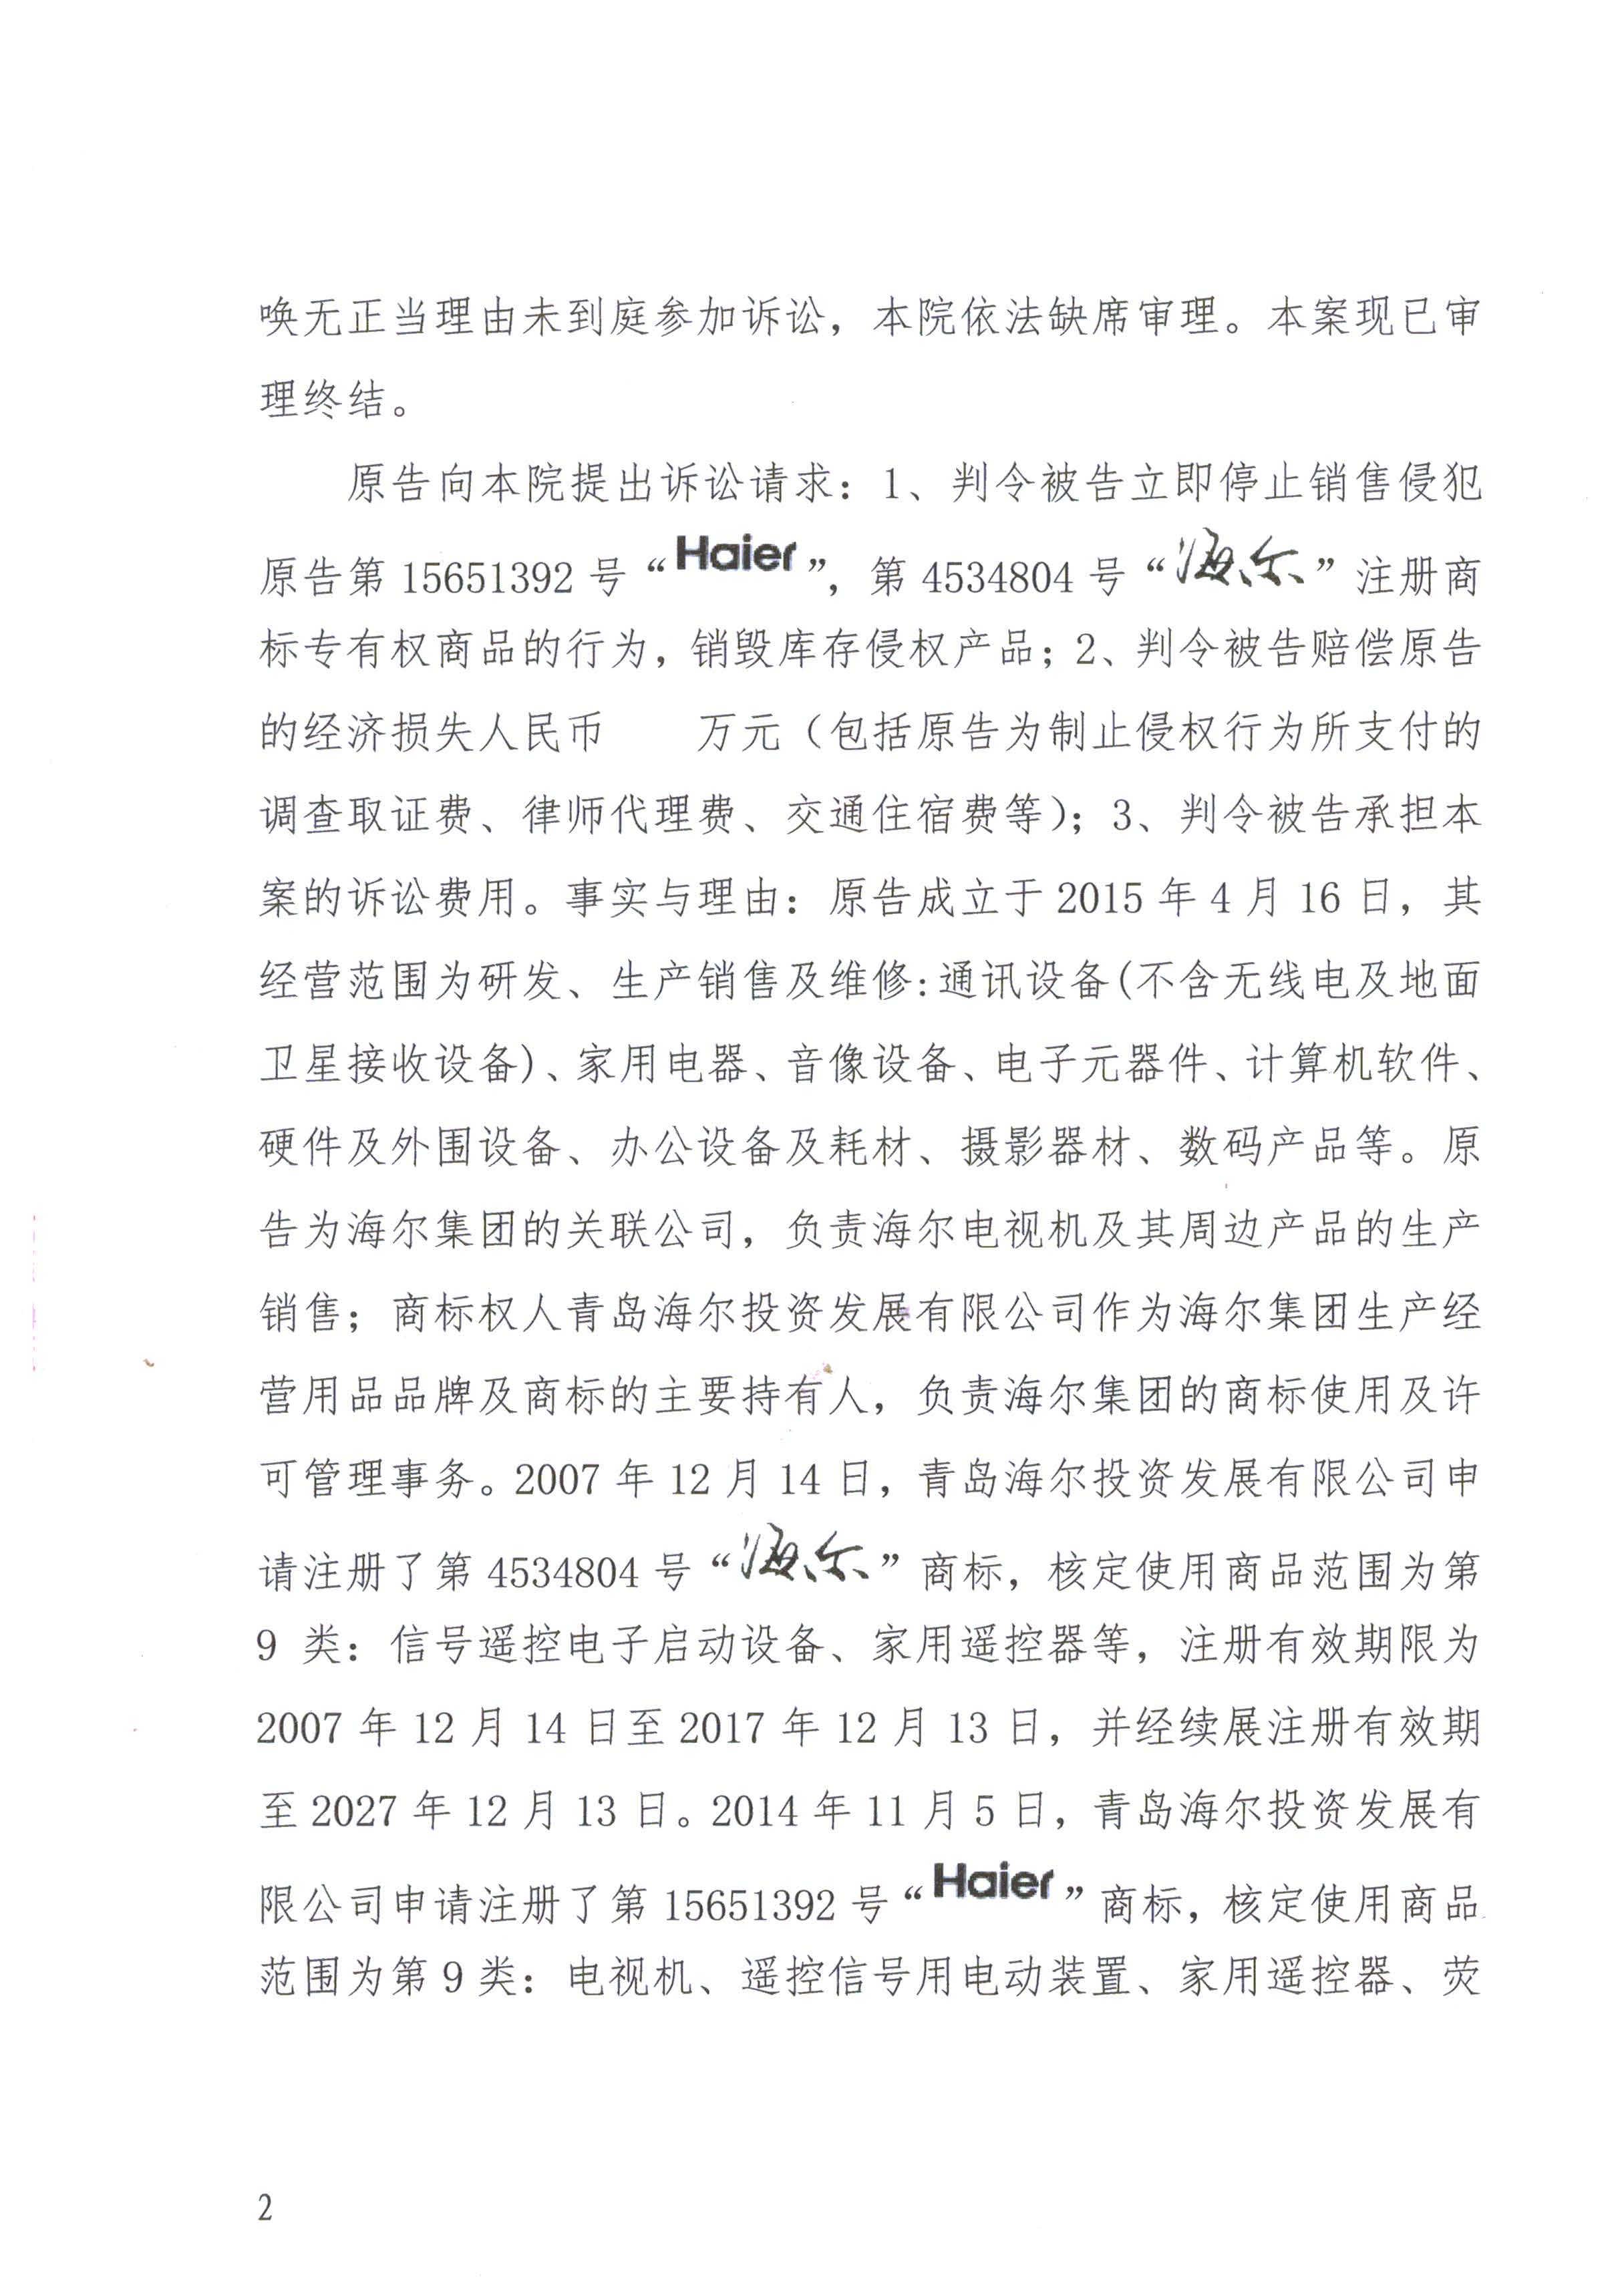 一审判决-编辑版_页面_2